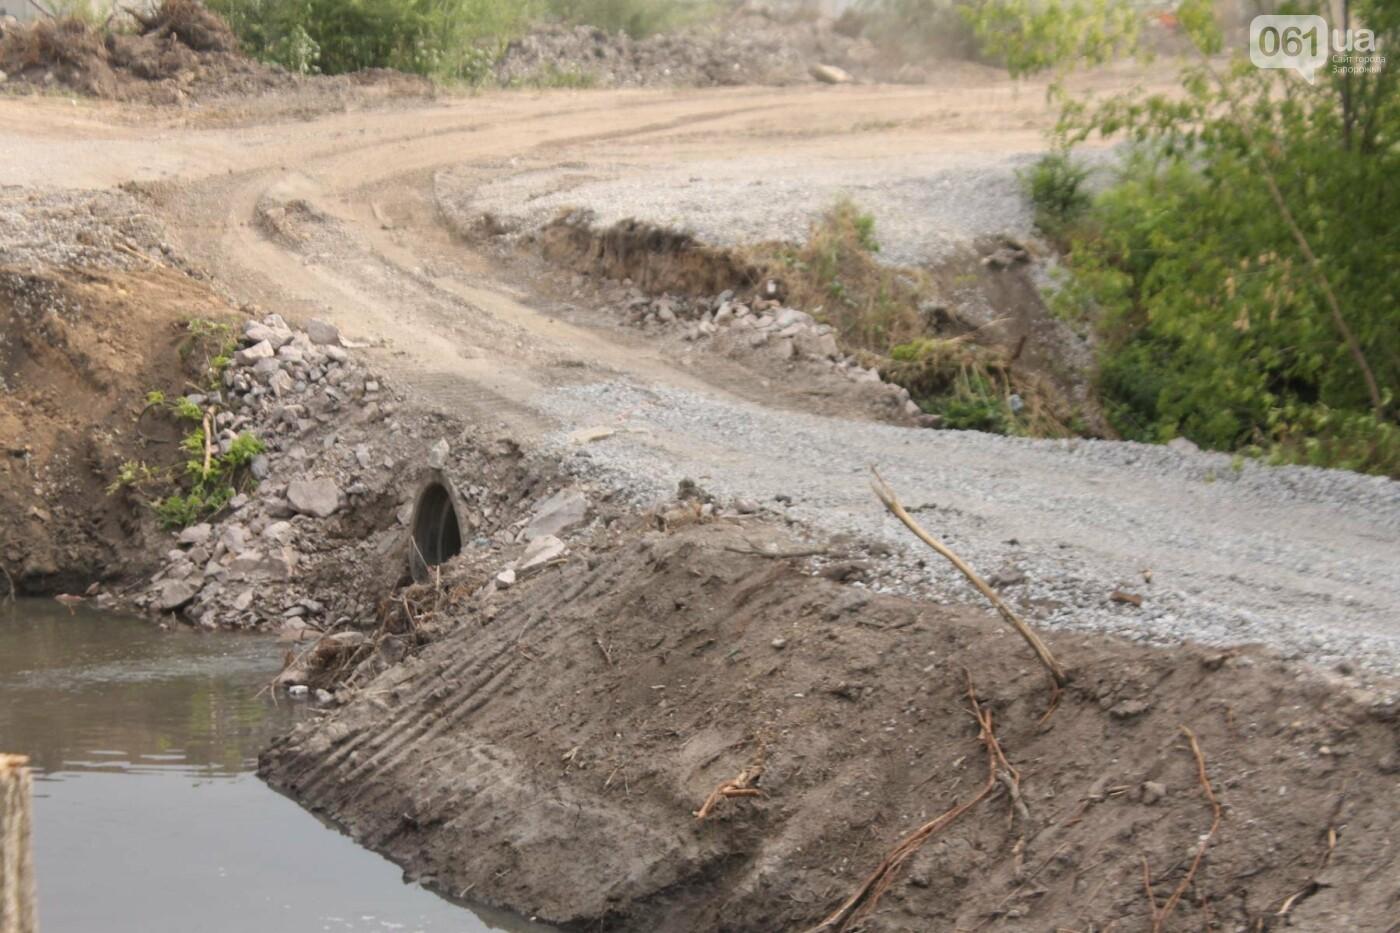 В Запорожье продолжается многомиллионная расчистка русла реки на Верхней Хортице, – ФОТОРЕПОРТАЖ, фото-7